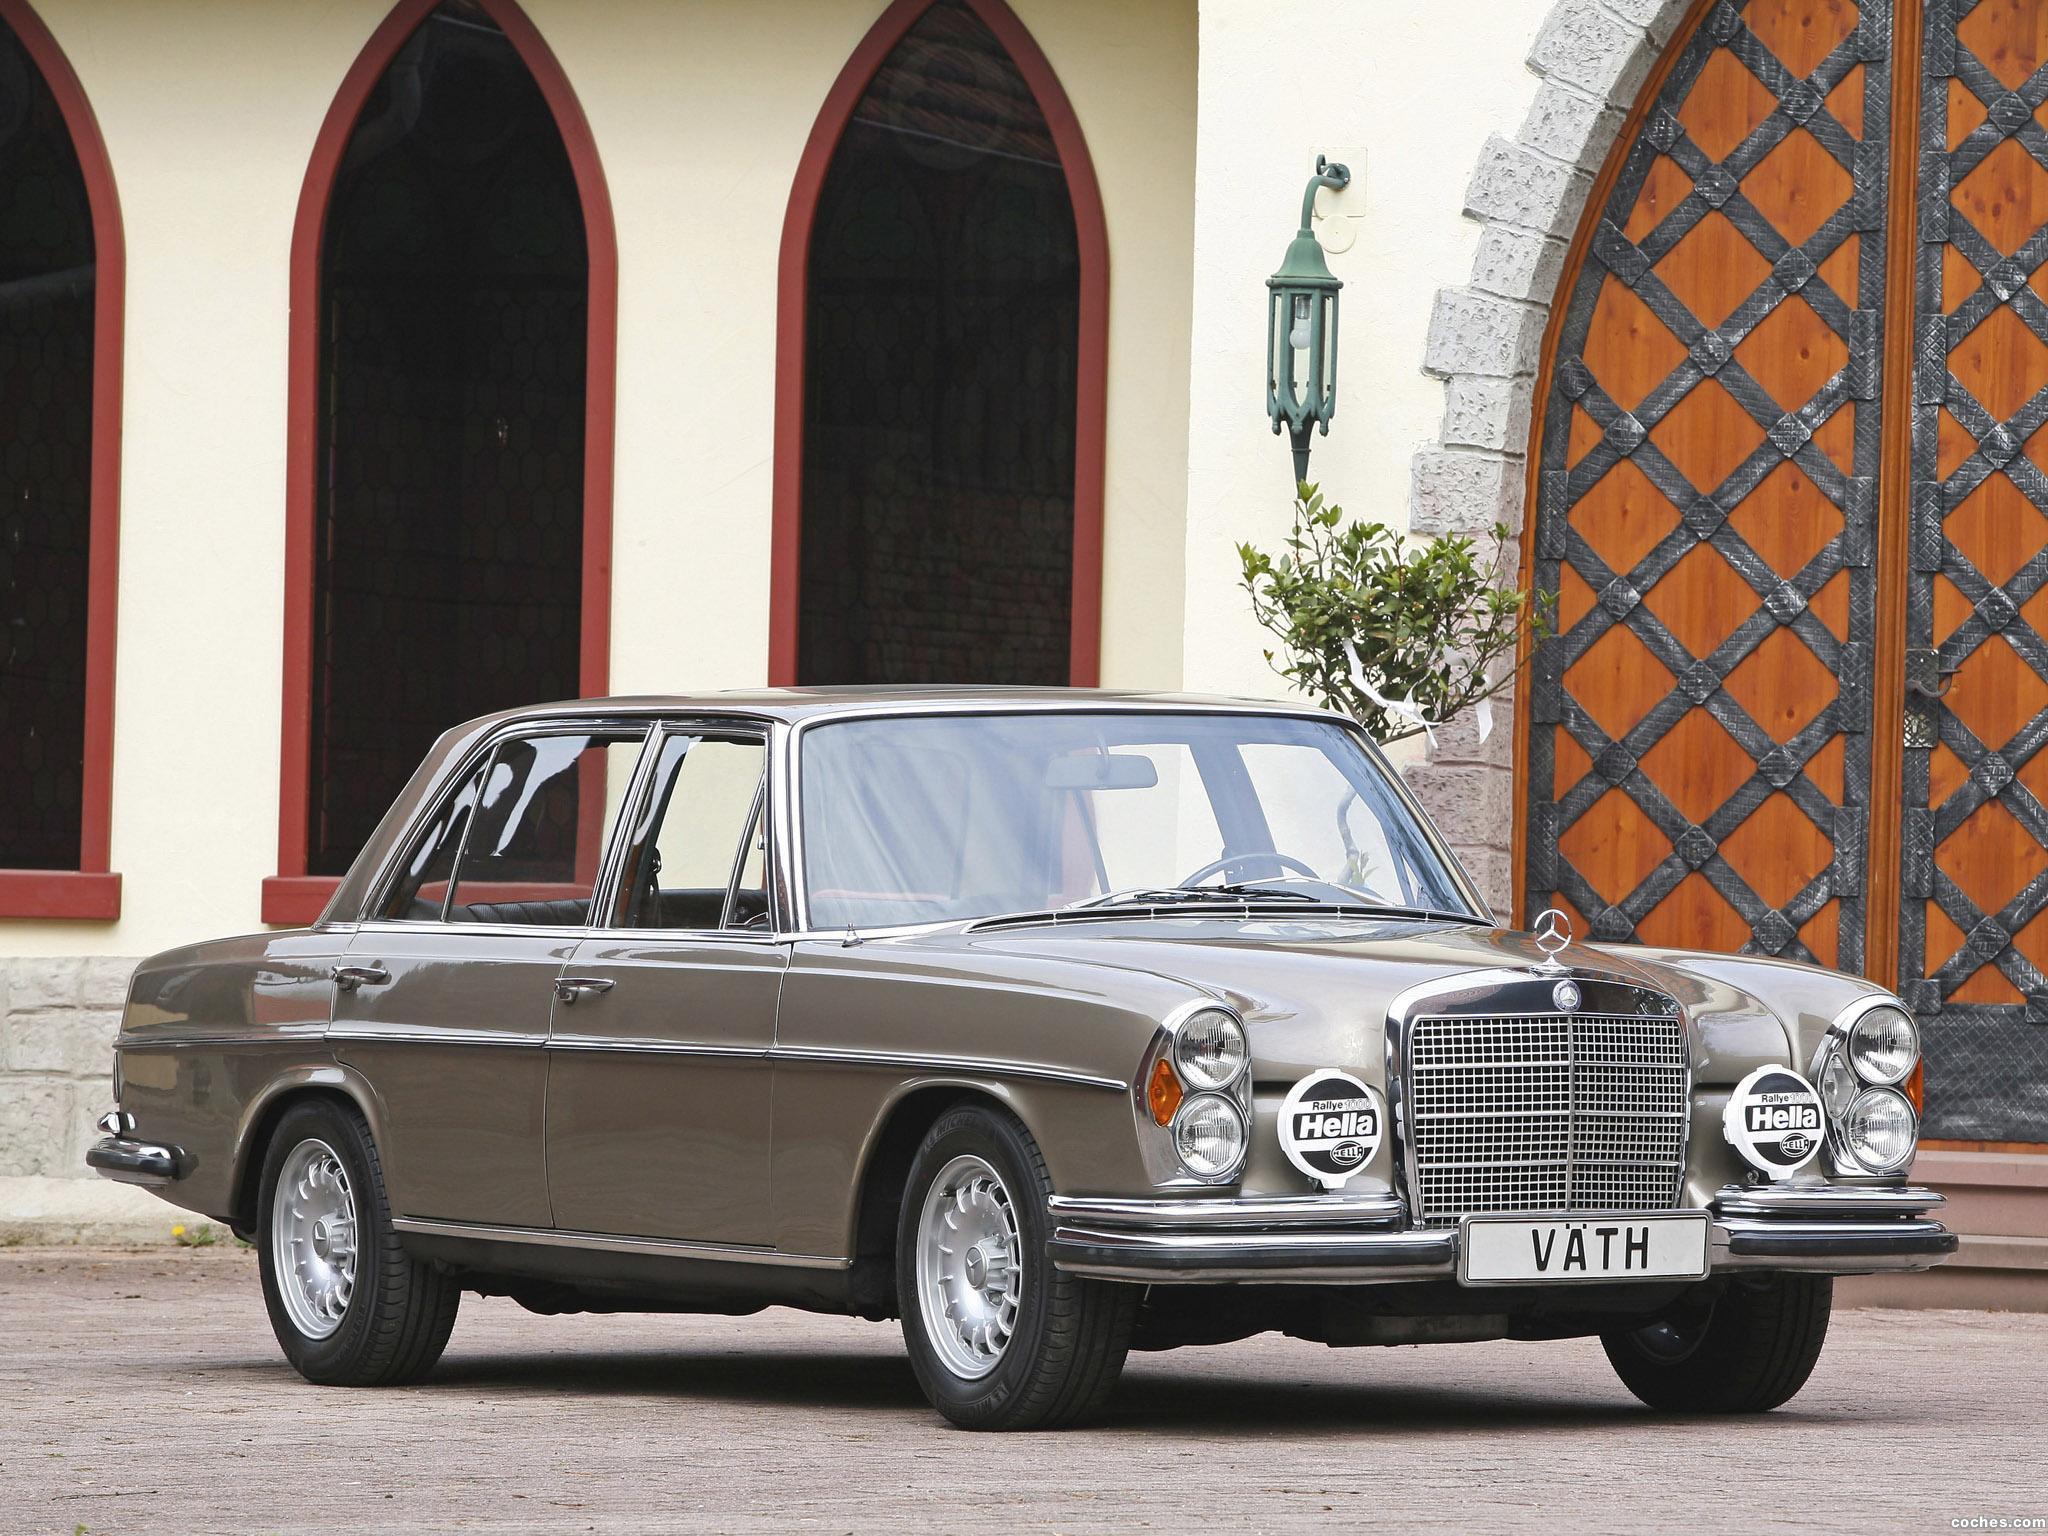 Foto 1 de VATH Mercedes 300 SEL W100 2012